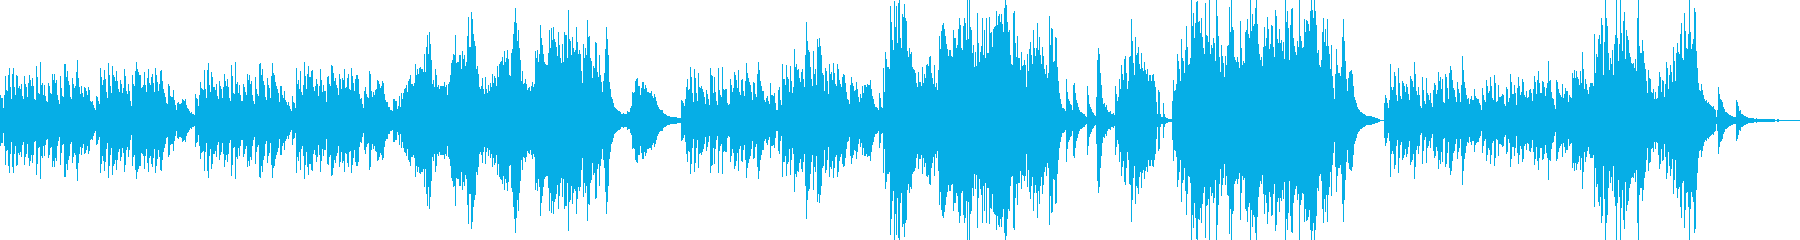 グスタフランゲのBlumenliedですの再生済みの波形